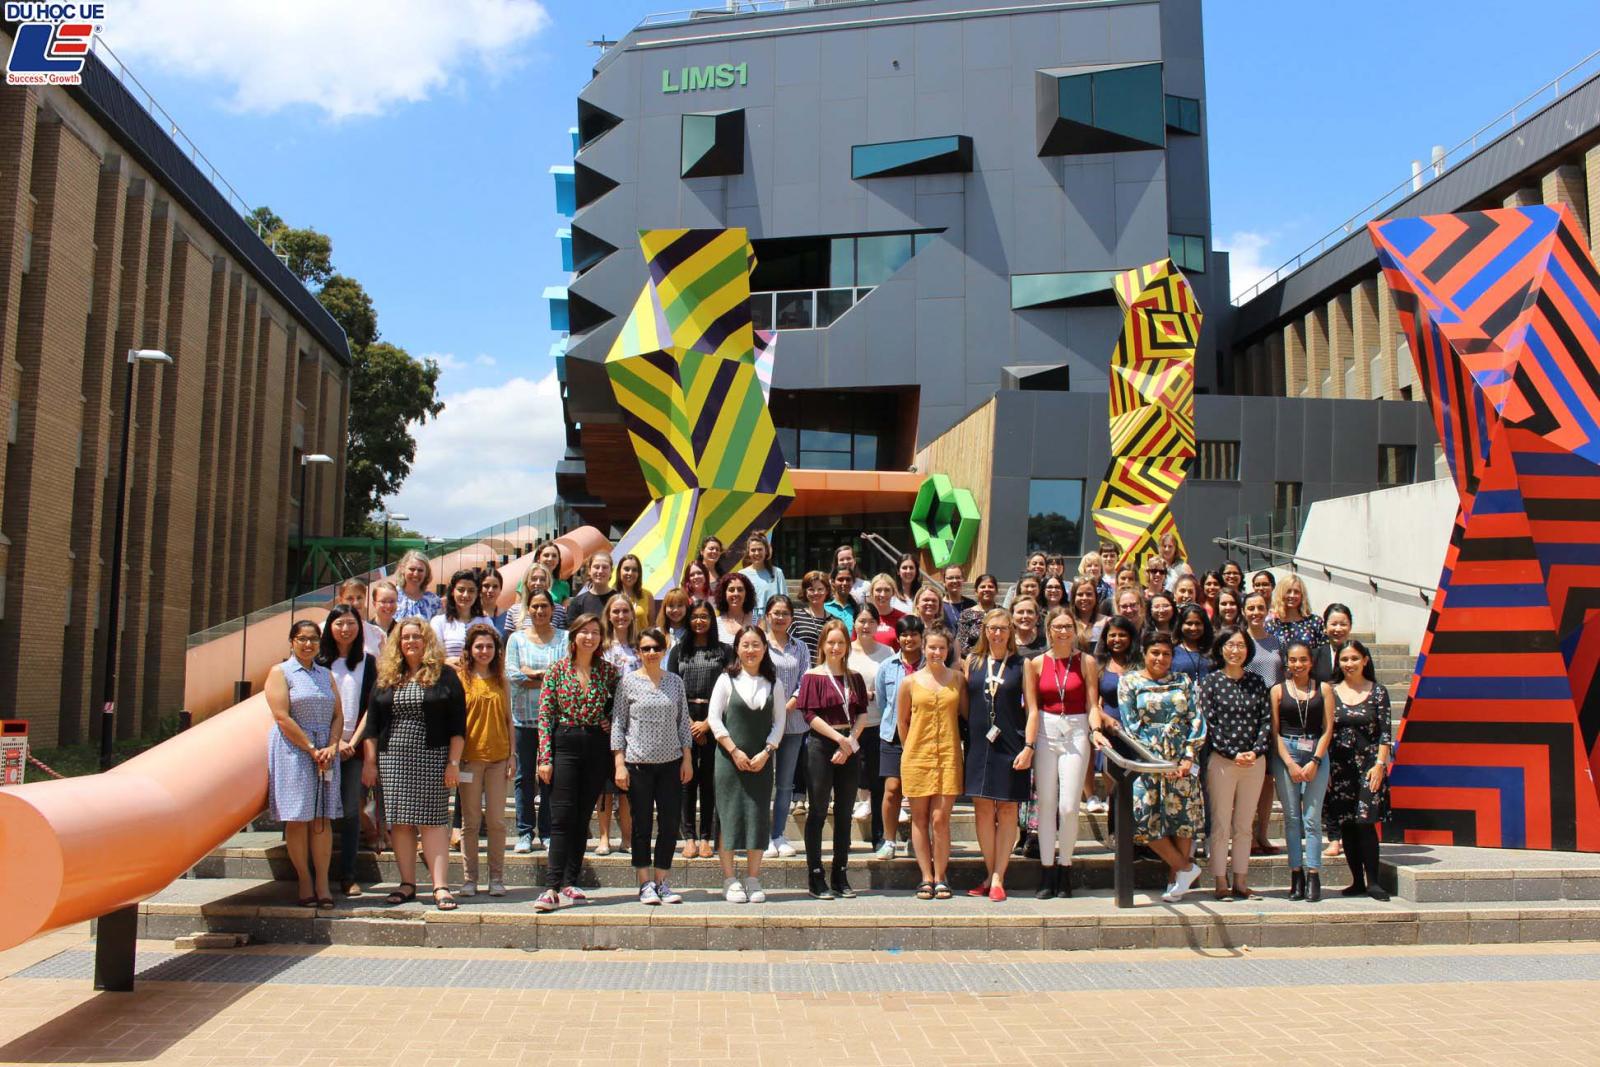 Săn học bổng hấp dẫn tại La Trobe University Australia - Ngôi trường đào tạo giáo dục top 1.1% thế giới tại Úc 4